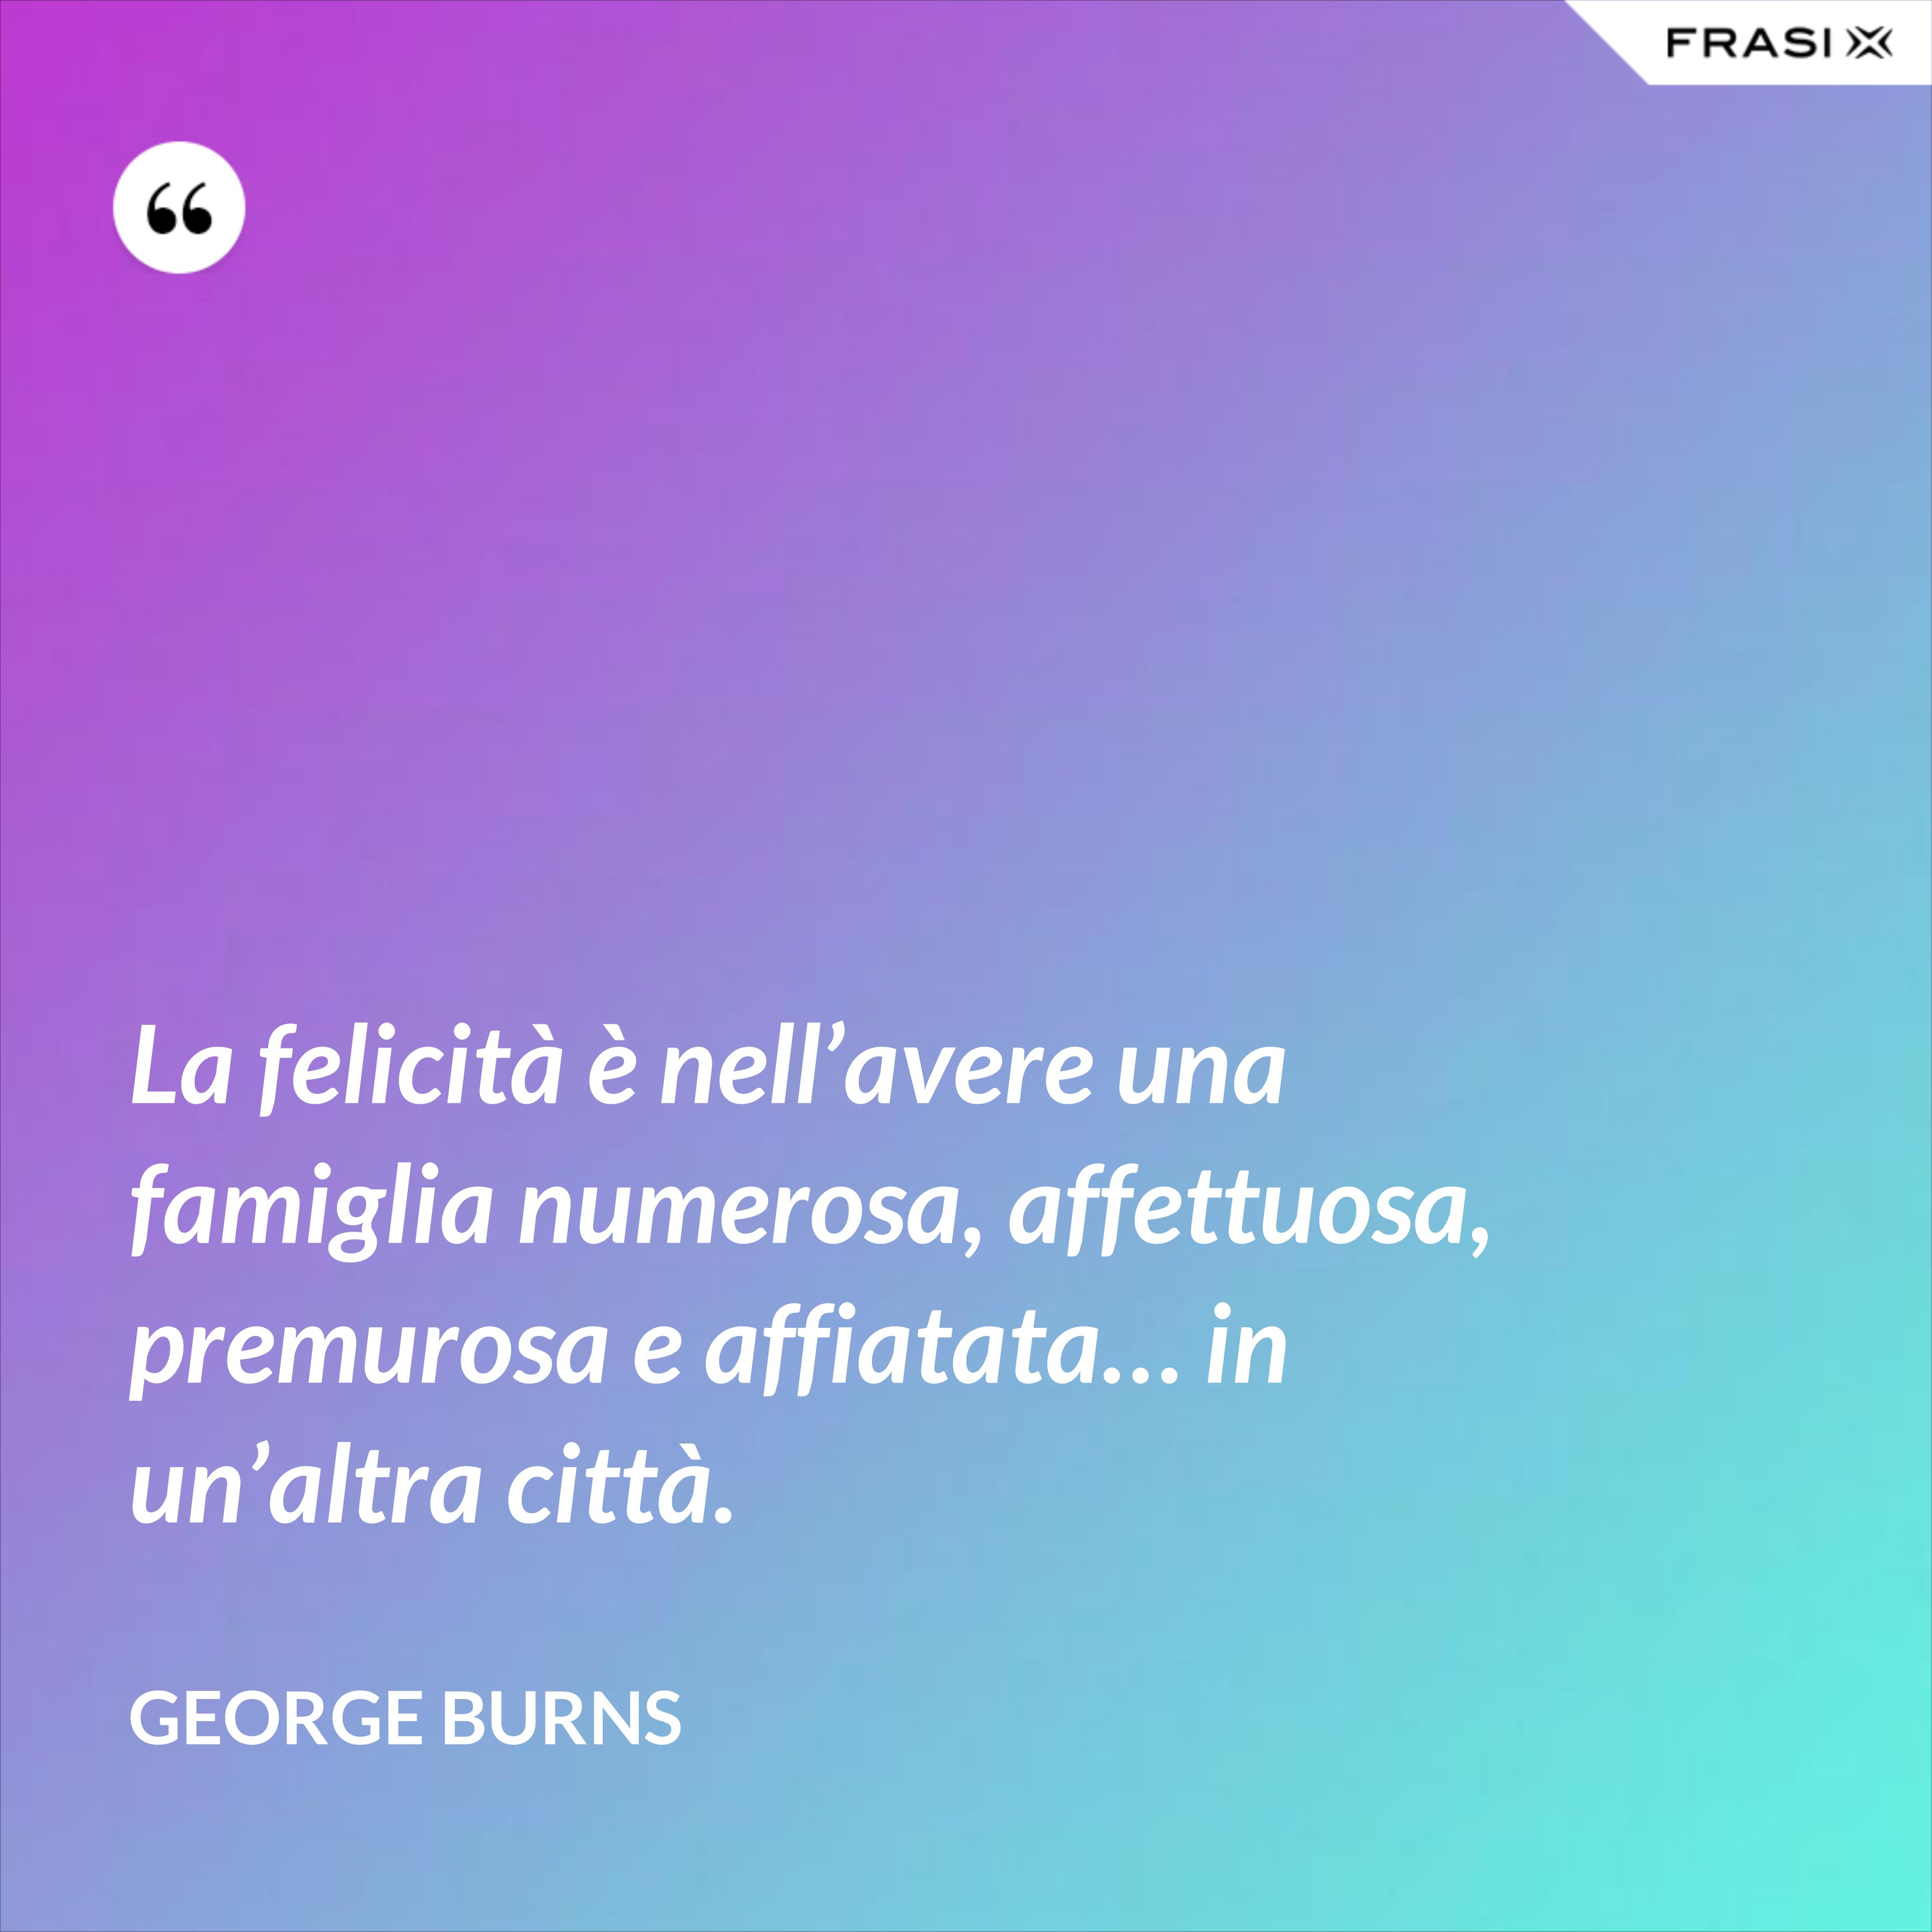 La felicità è nell'avere una famiglia numerosa, affettuosa, premurosa e affiatata… in un'altra città. - George Burns